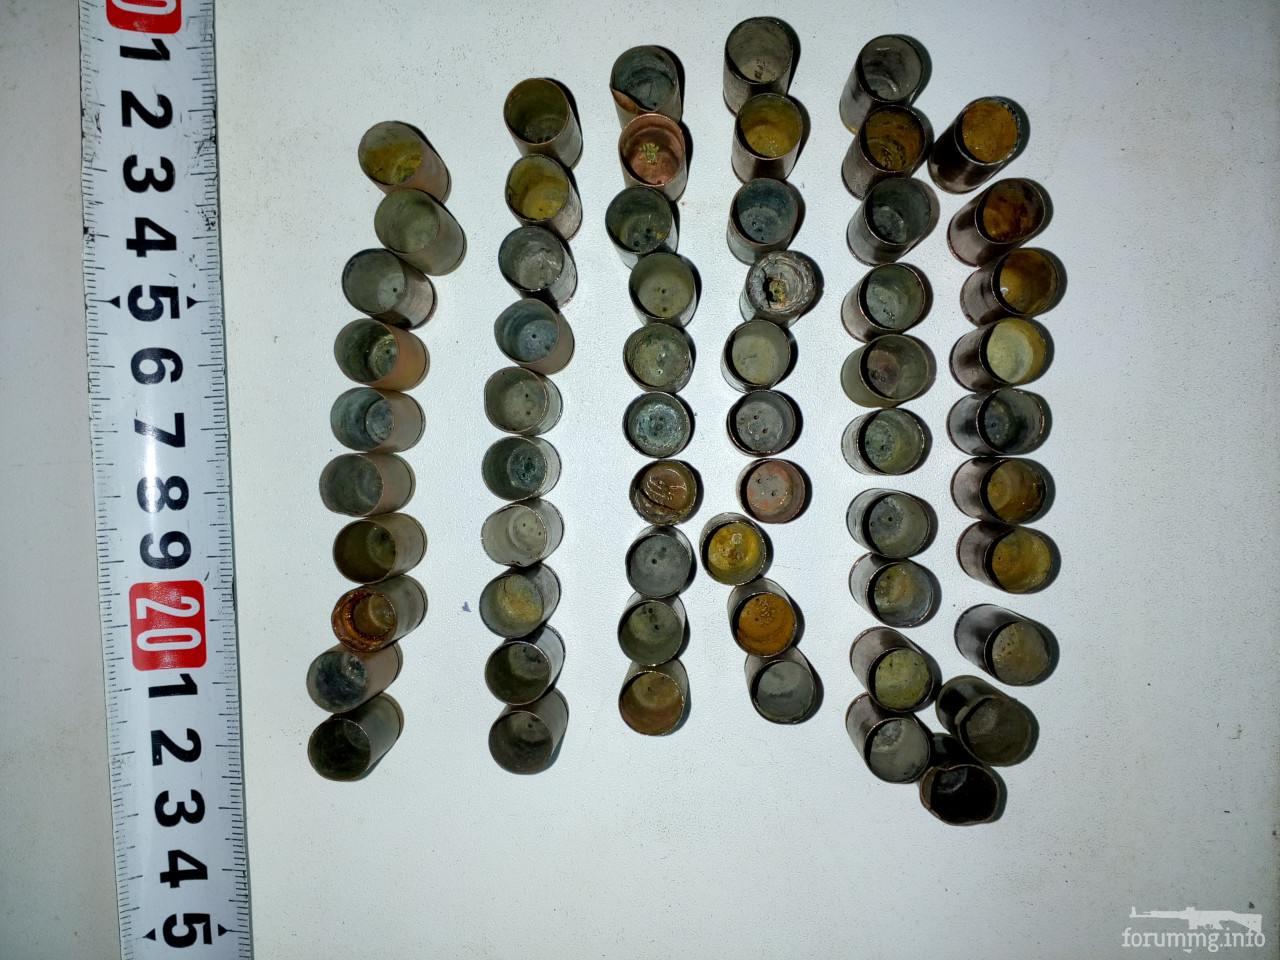 120195 - Гильзы Люгер 9х19 разные клейма, коп, латунь